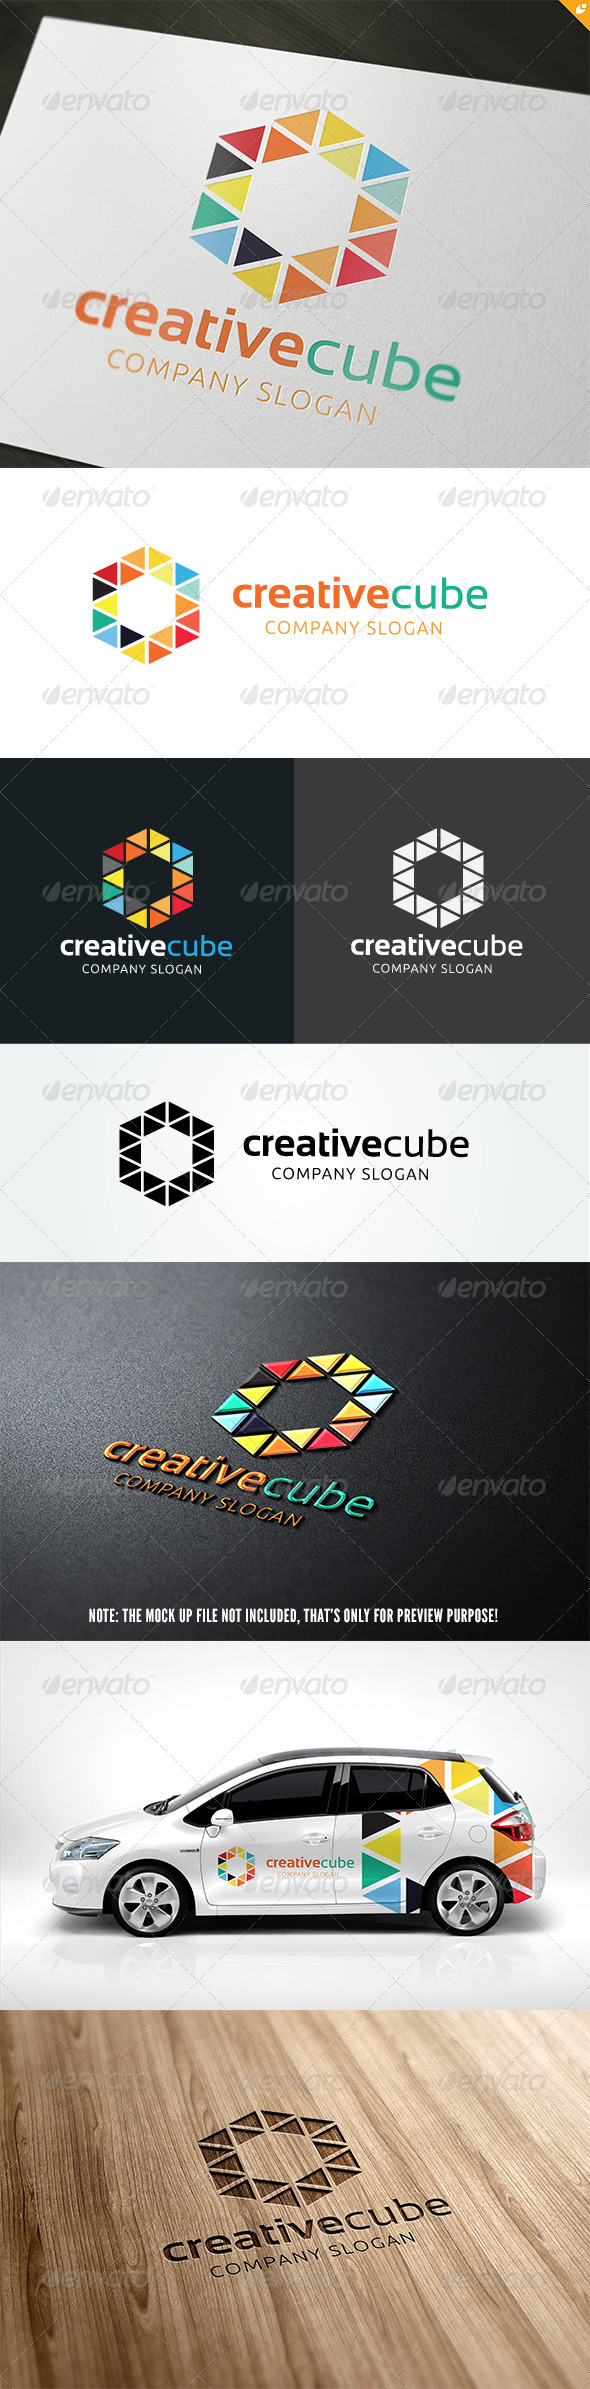 GraphicRiver The Creative Cube Lgo 5696000